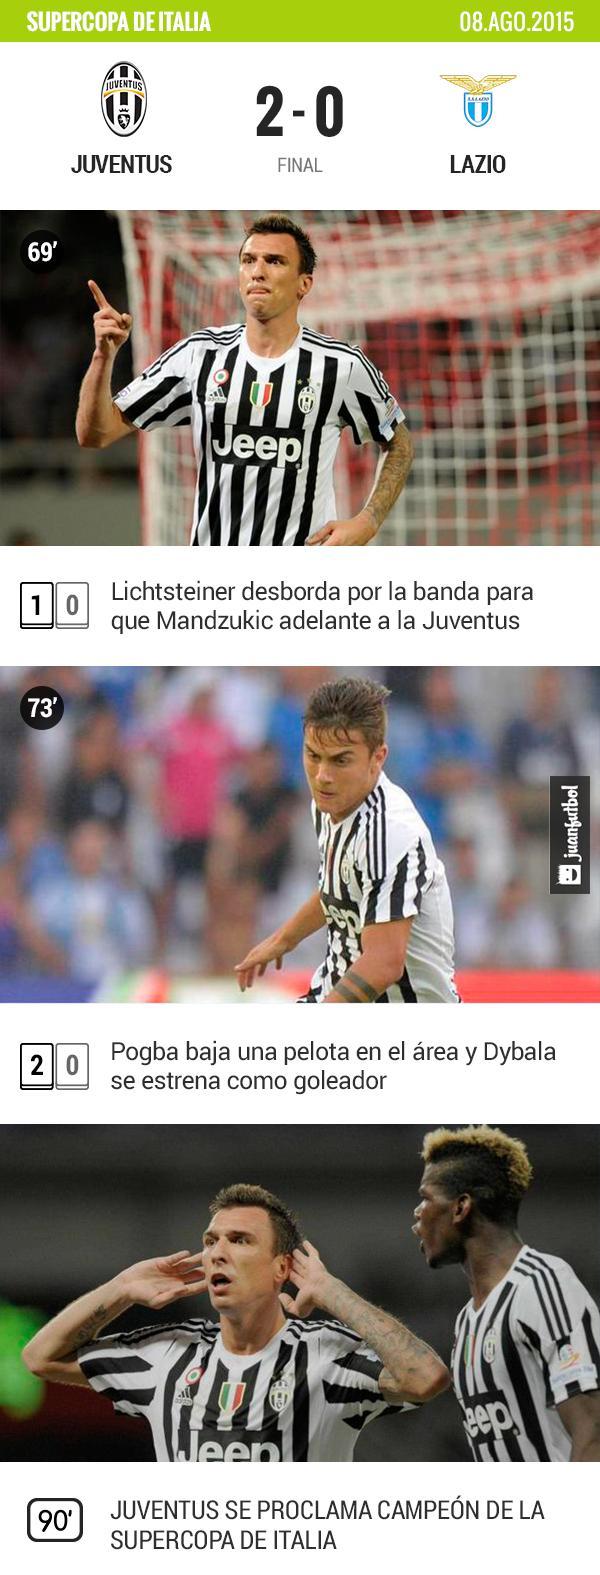 Juventus vence a Lazio en la Supercopa de Italia